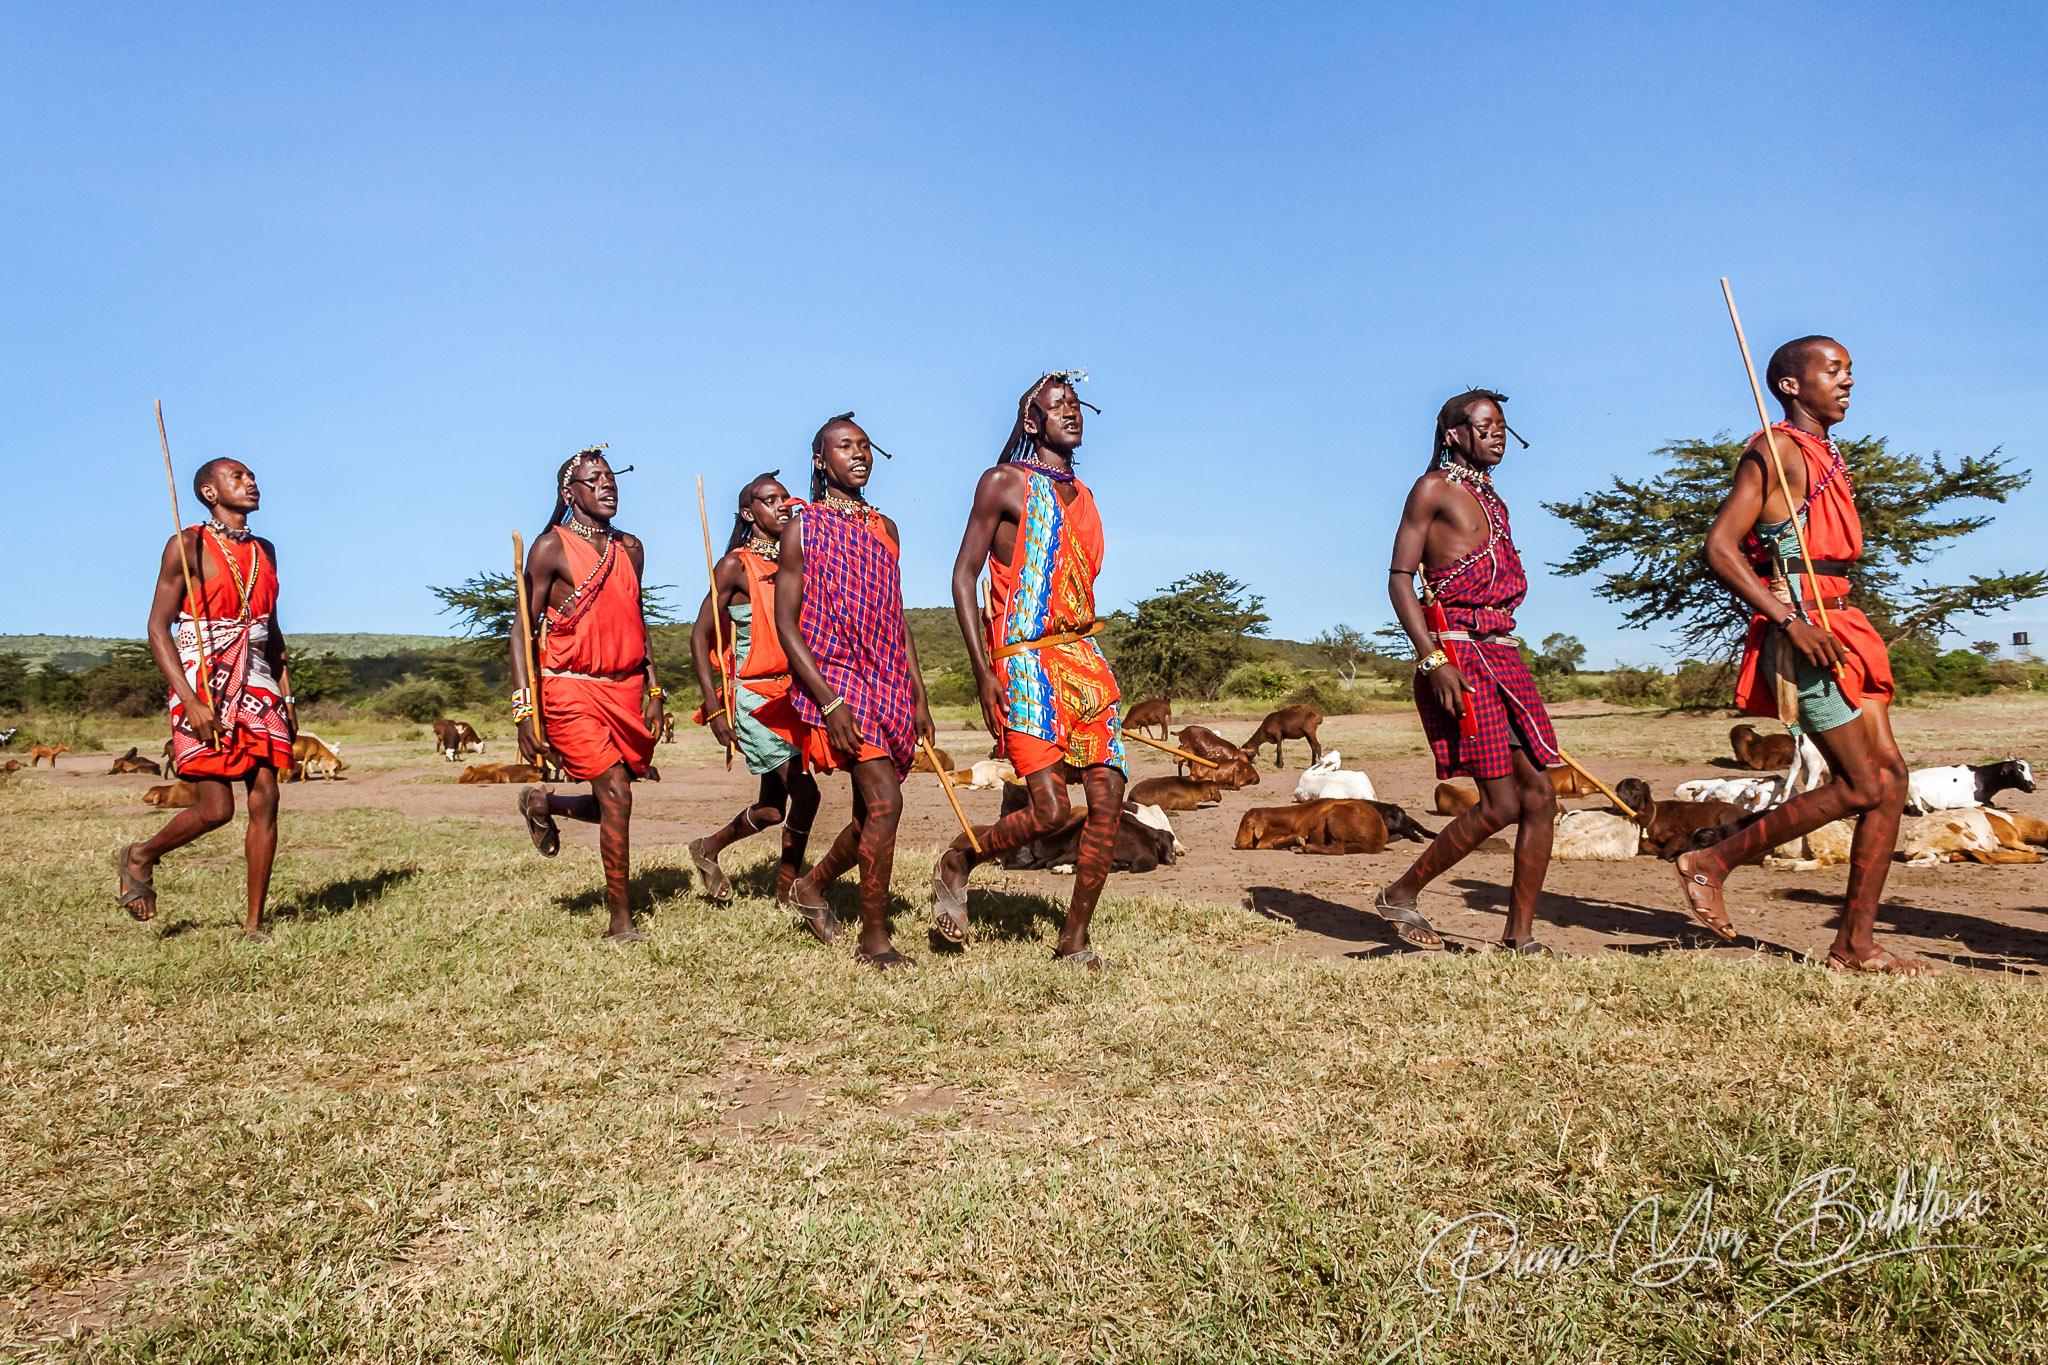 Guerriers masaï du Kenya lors d'une cérémonie près de leur troupeau de chèvres